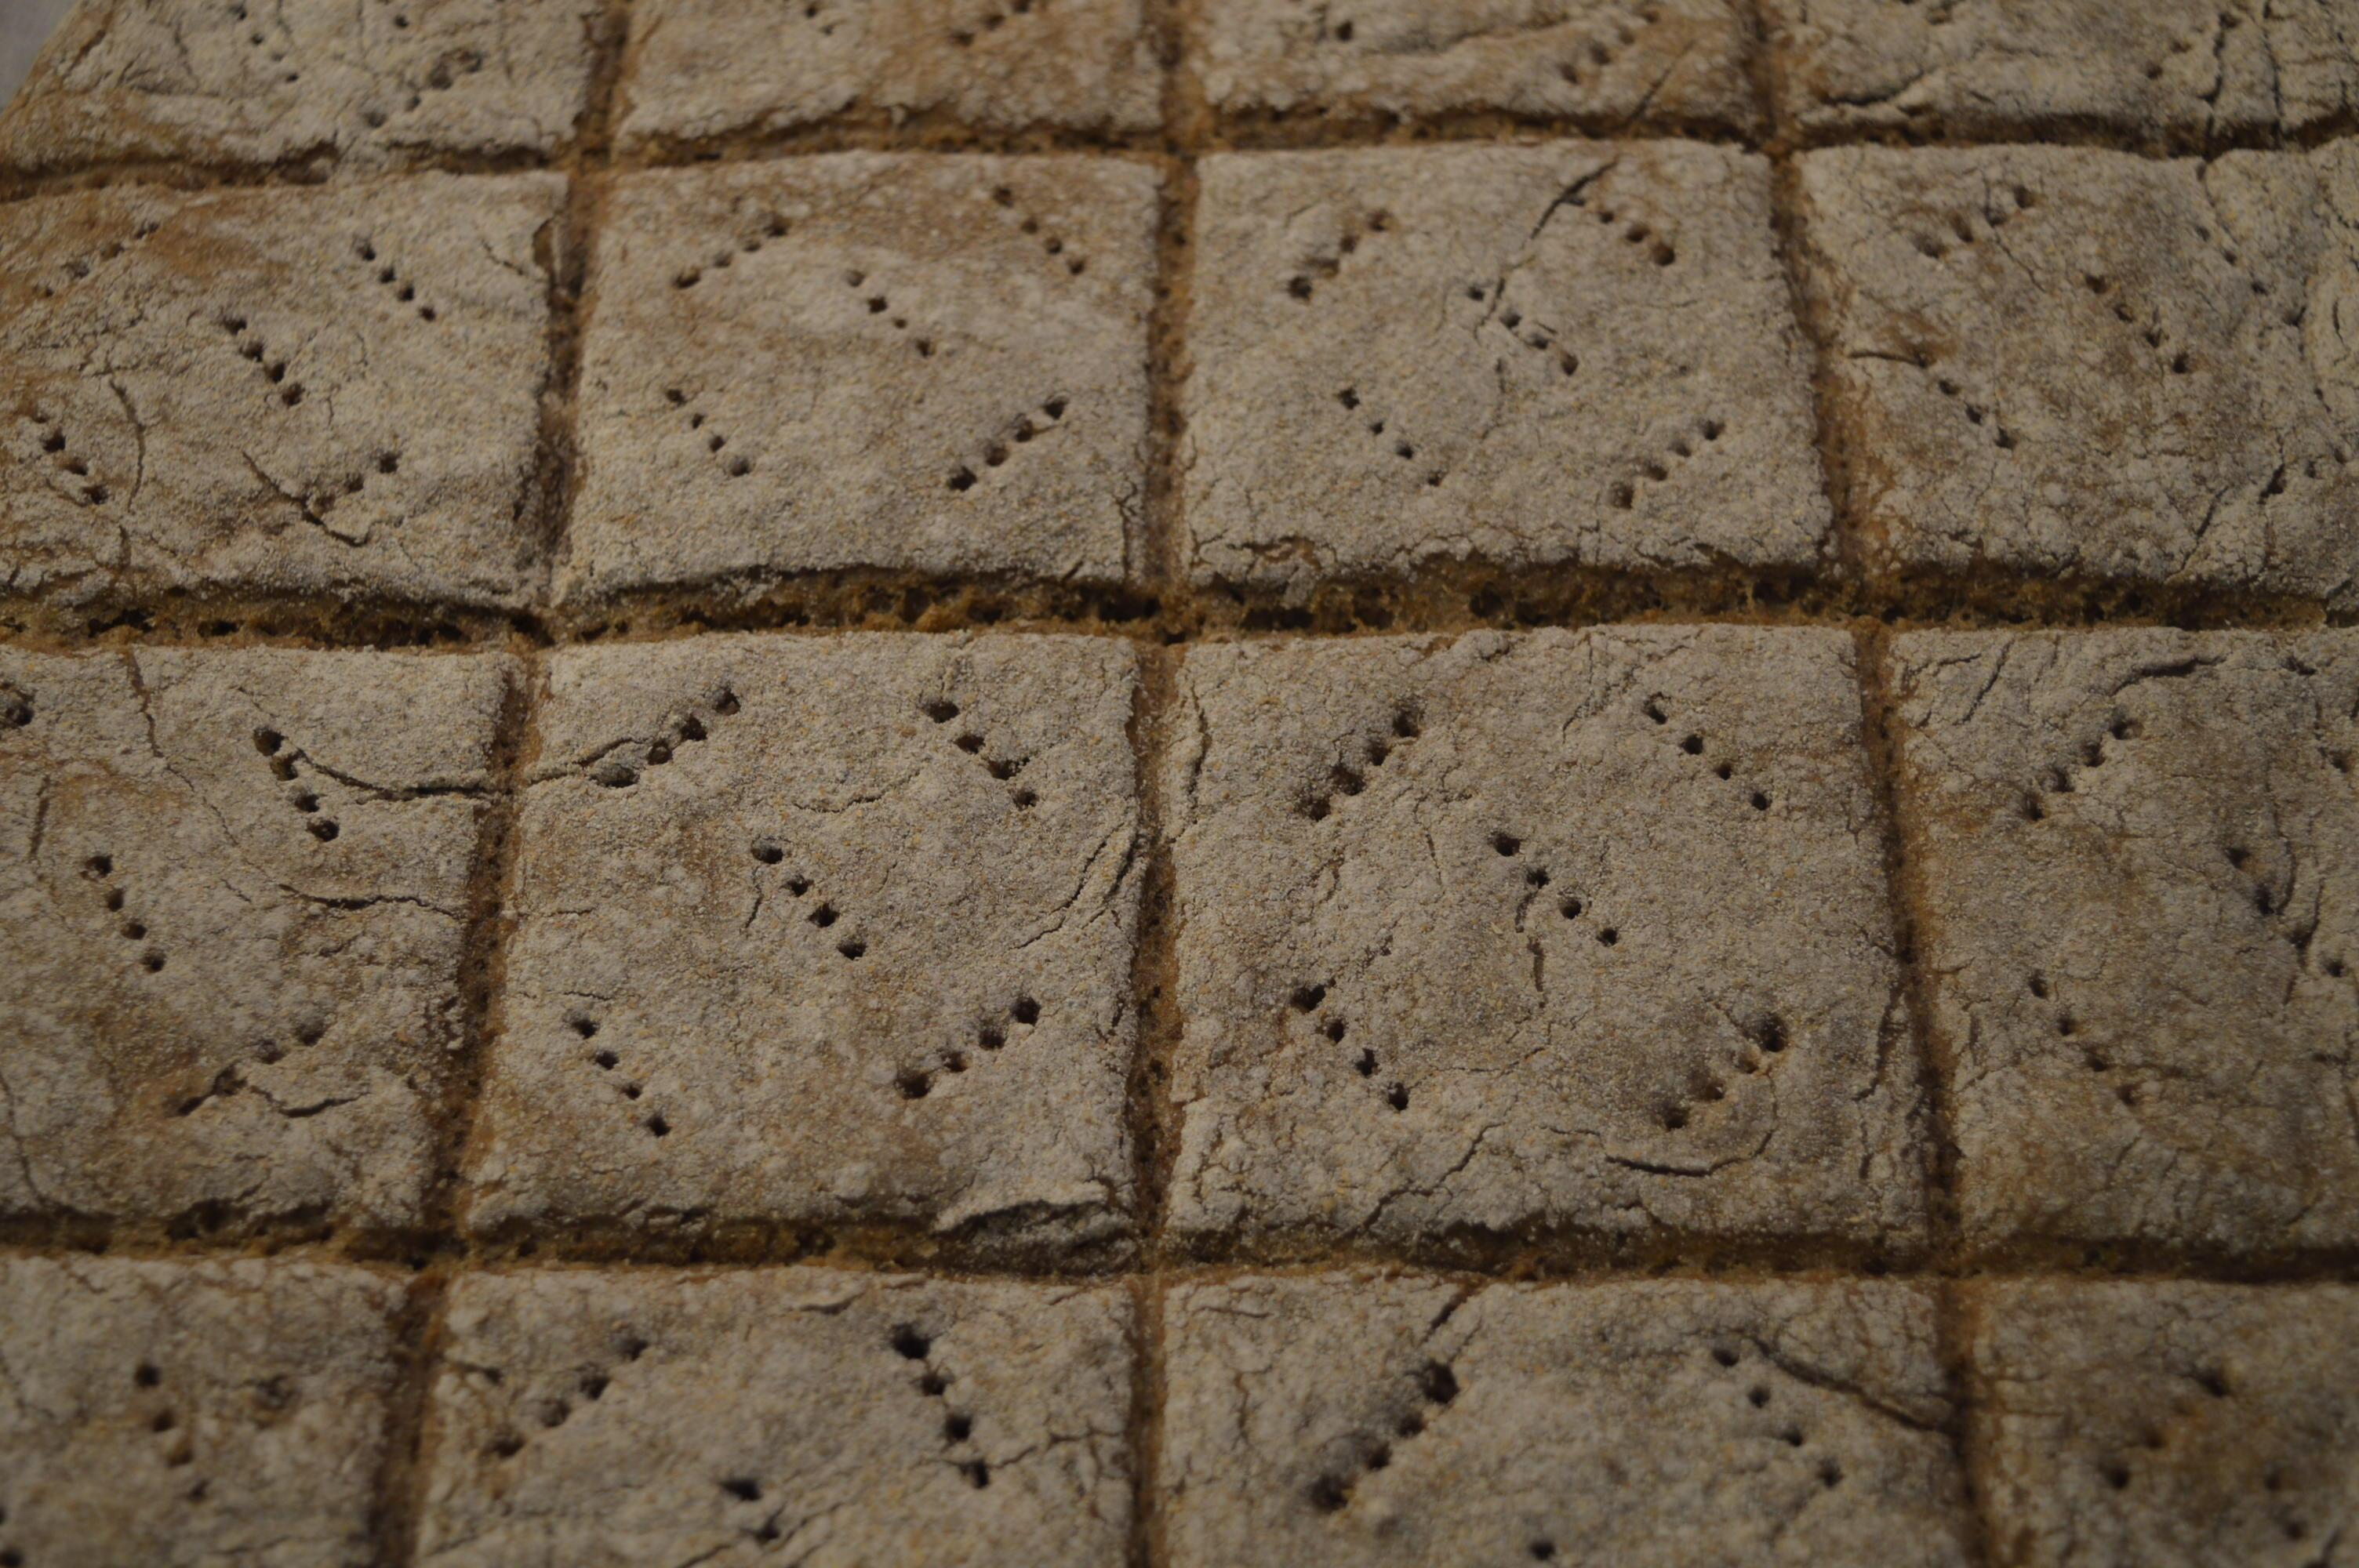 leipä4.jpg